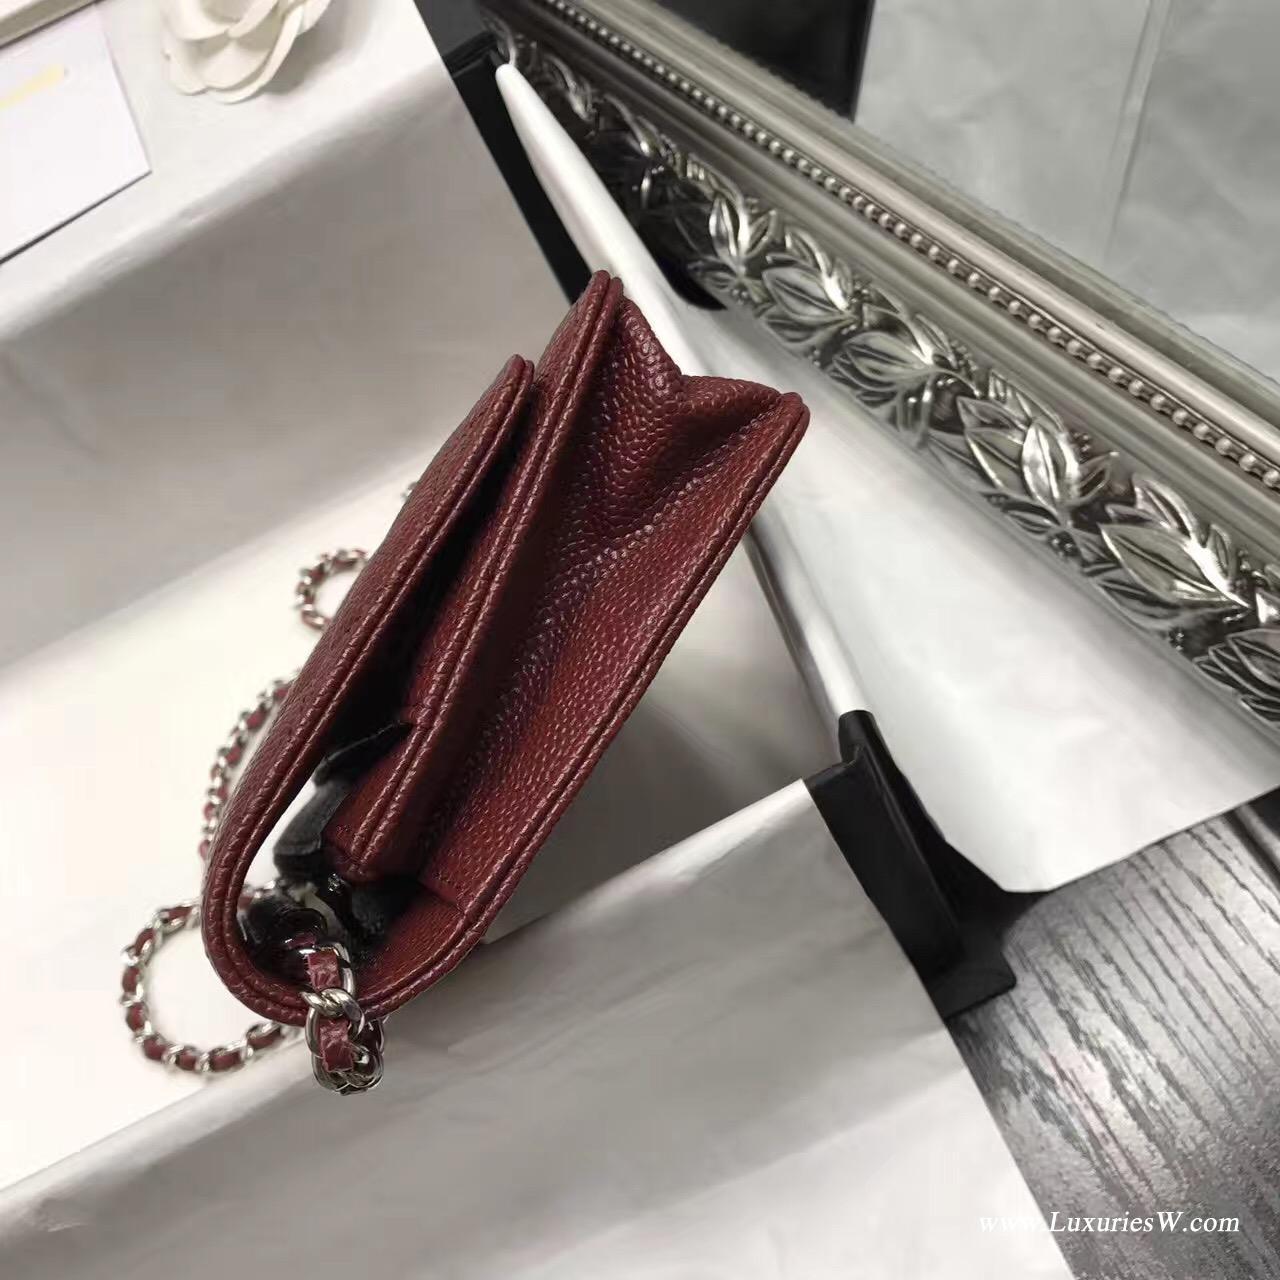 Wallet On Chain鱼子酱经典款酒红色 银色五金